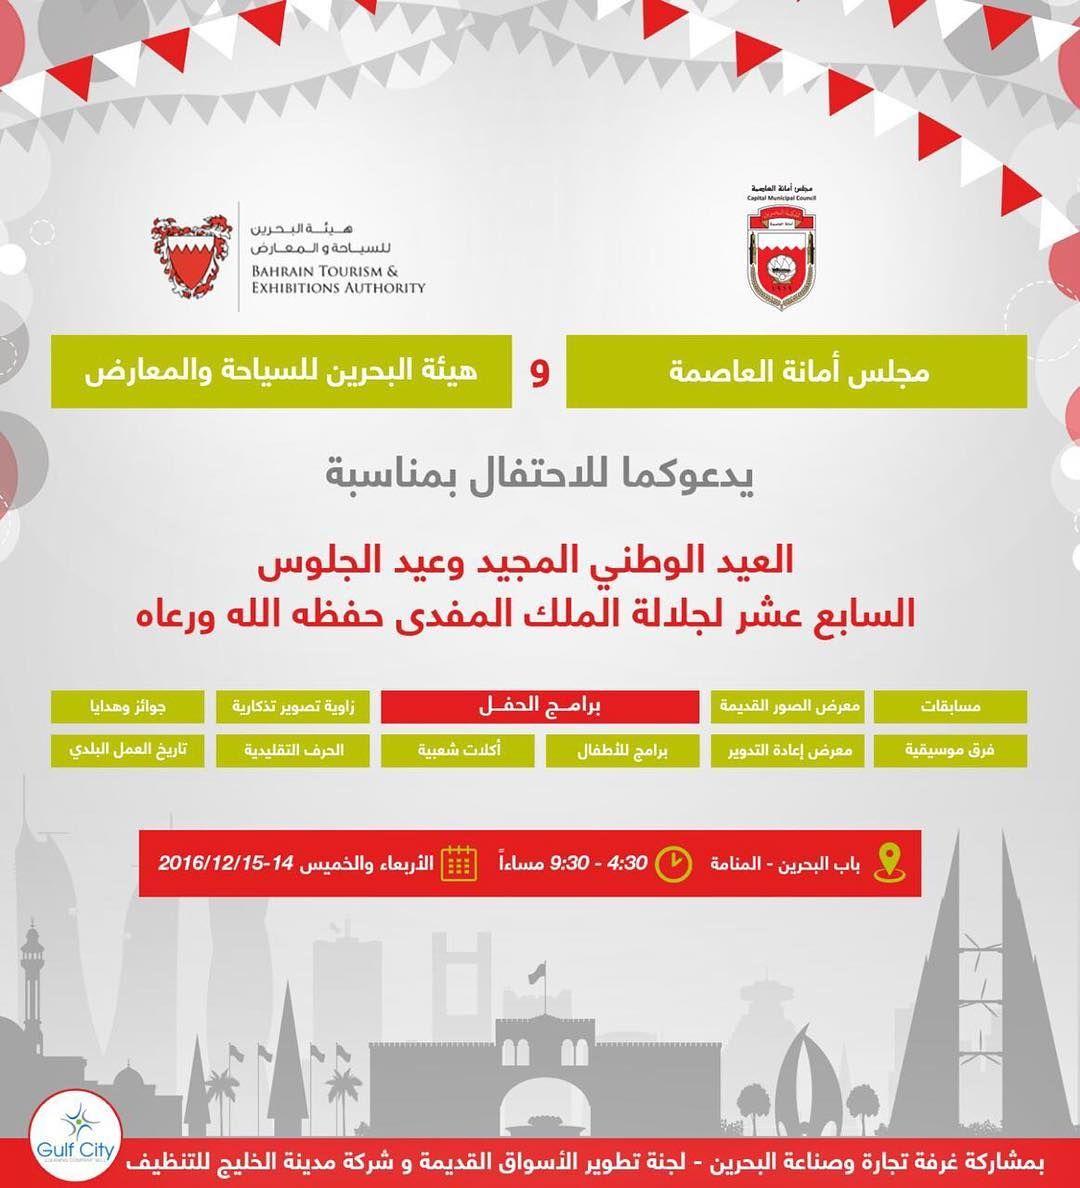 يسر هيئة البحرين للسياحة والمعارض ومجلس أمانة العاصمة دعوتكم لحضور الاحتفال بسوق المنامة القديم بمناسبة العيد الوطني المجيد وعي Bahrain Tourism Tourism Author